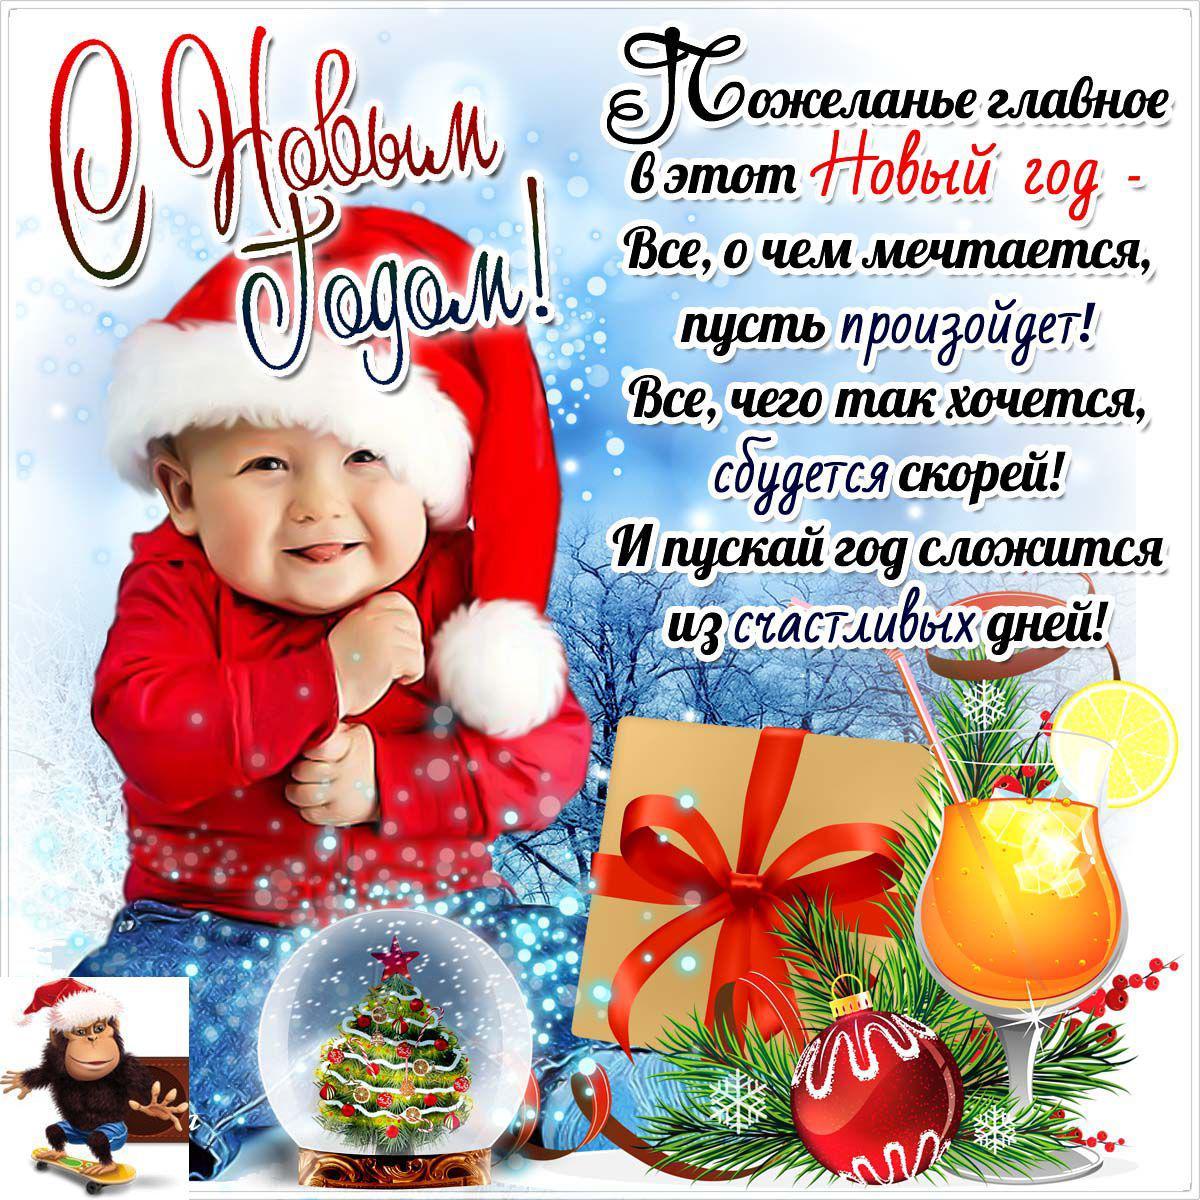 сибирское здоровье программа для похудения